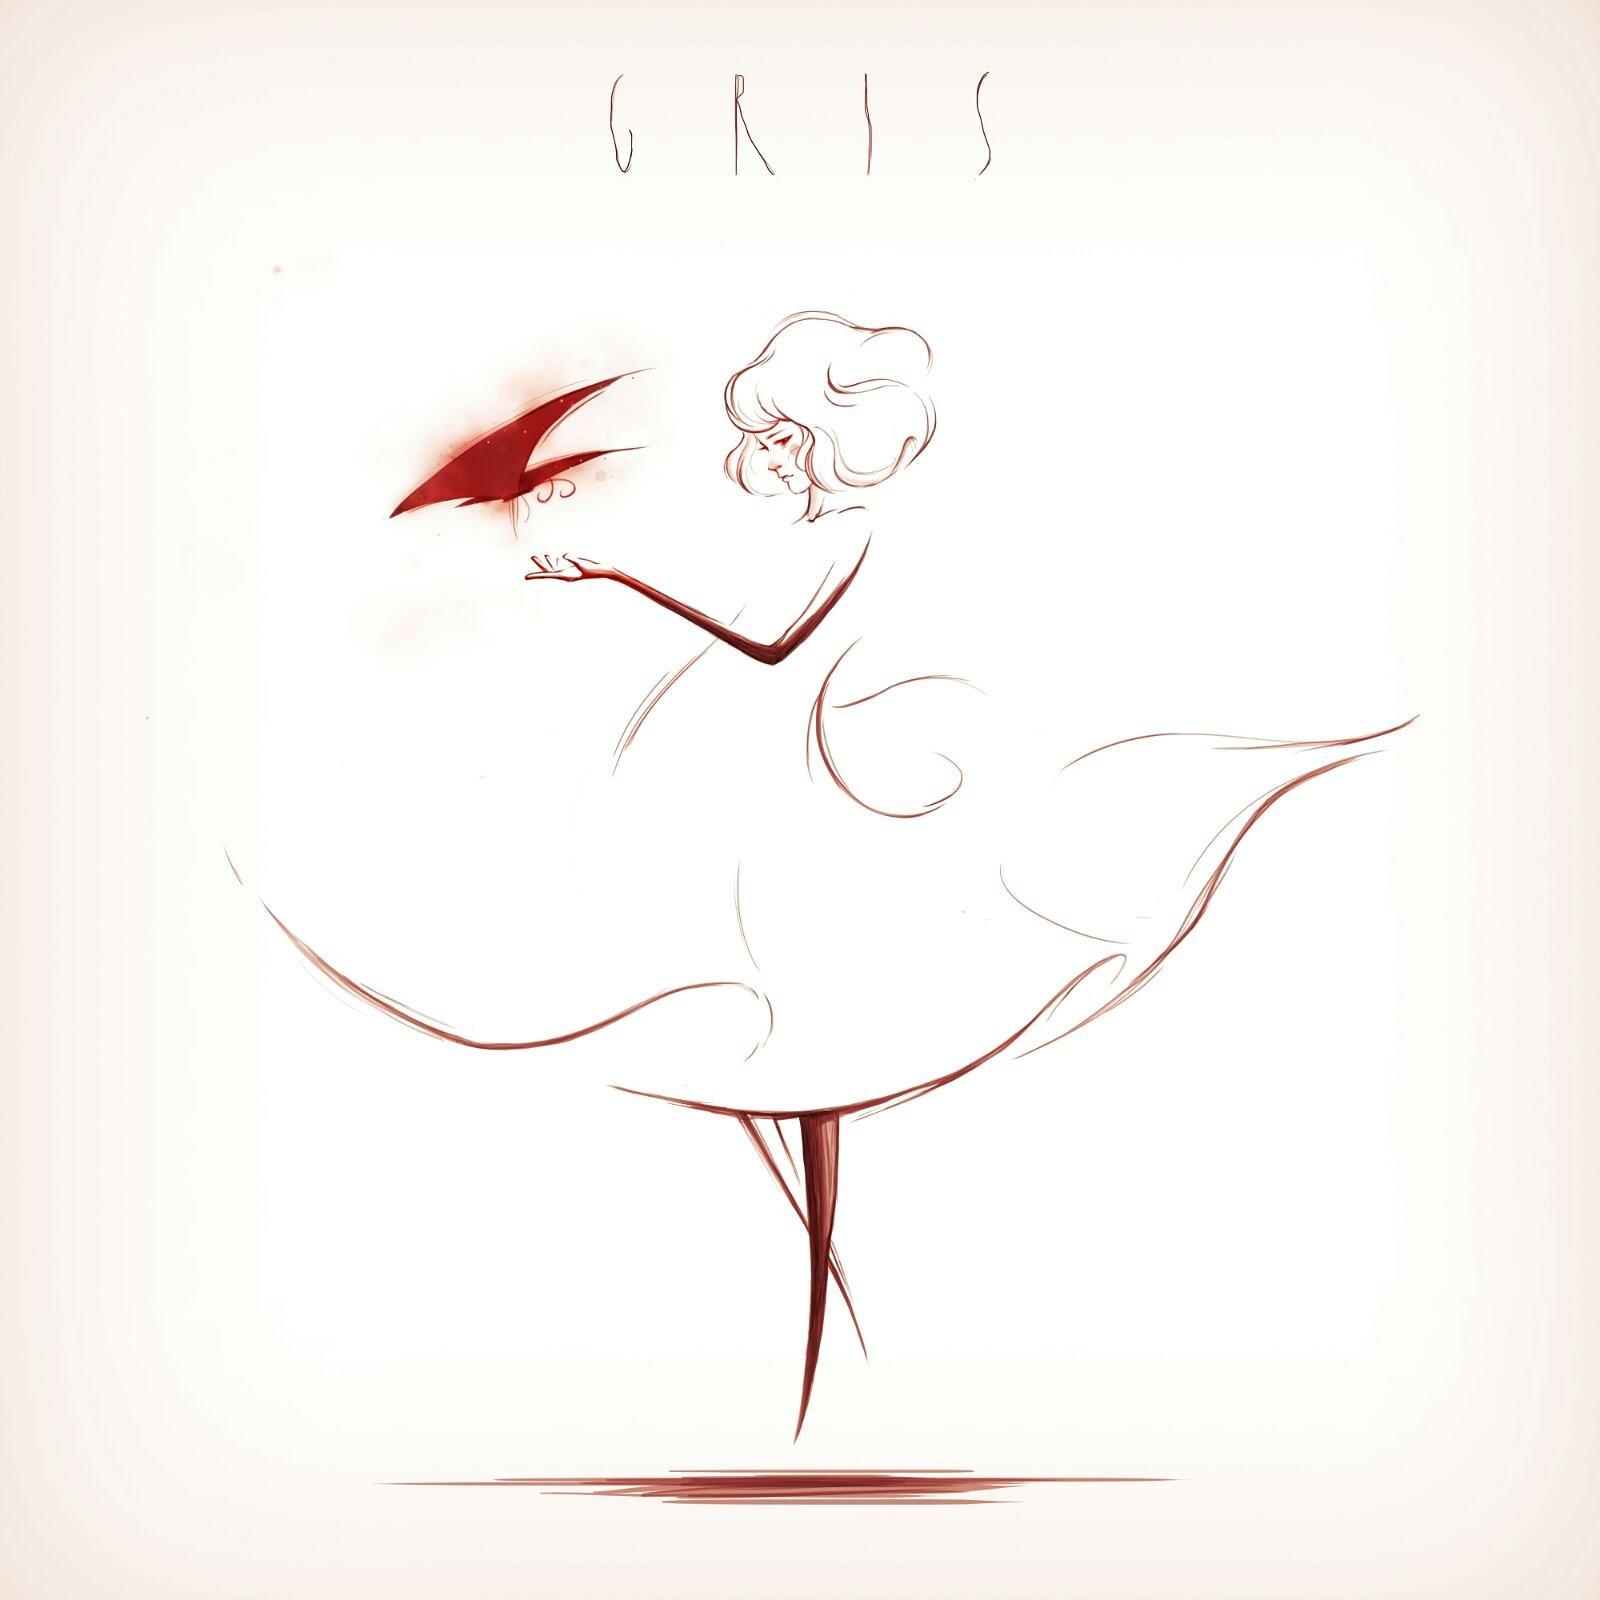 Fan art GRIS – Joel Roset (@JoelRoset)